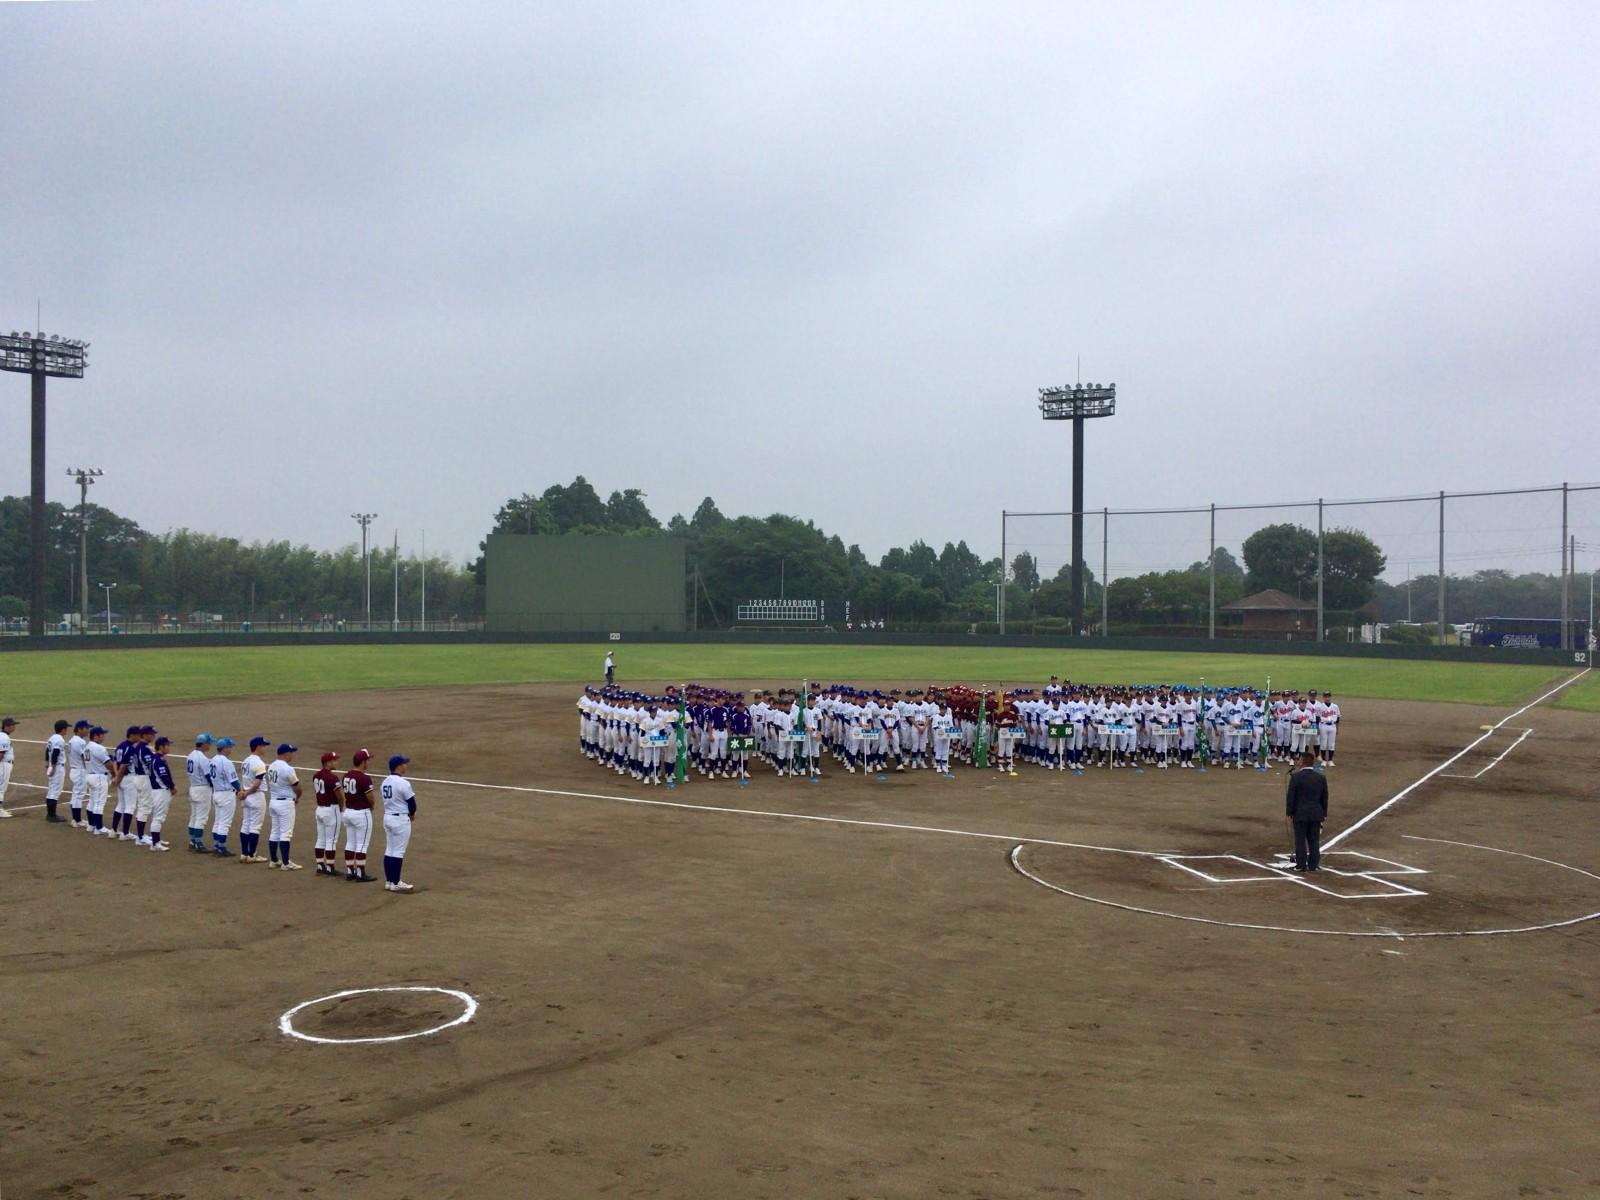 2018.06.23 第12回ノーブルホーム旗杯リトルシニアフレッシュマン大会 開会式